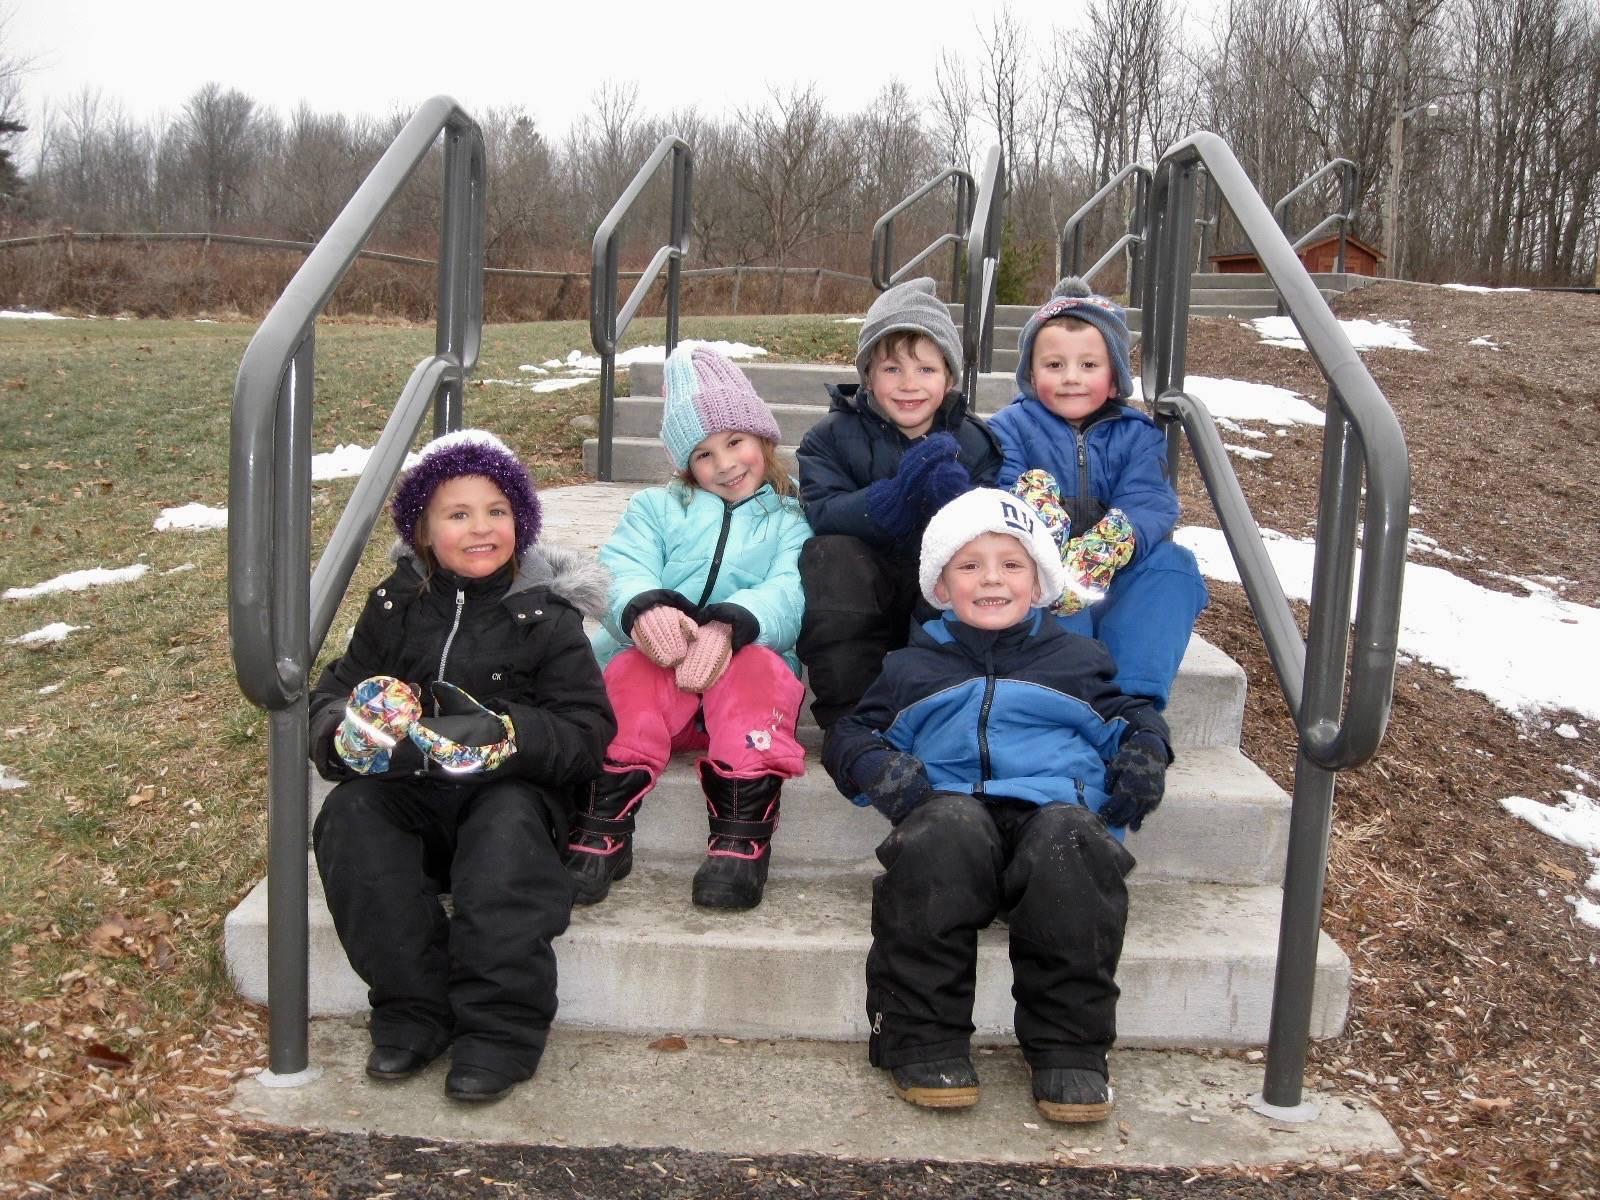 5 students at recess.